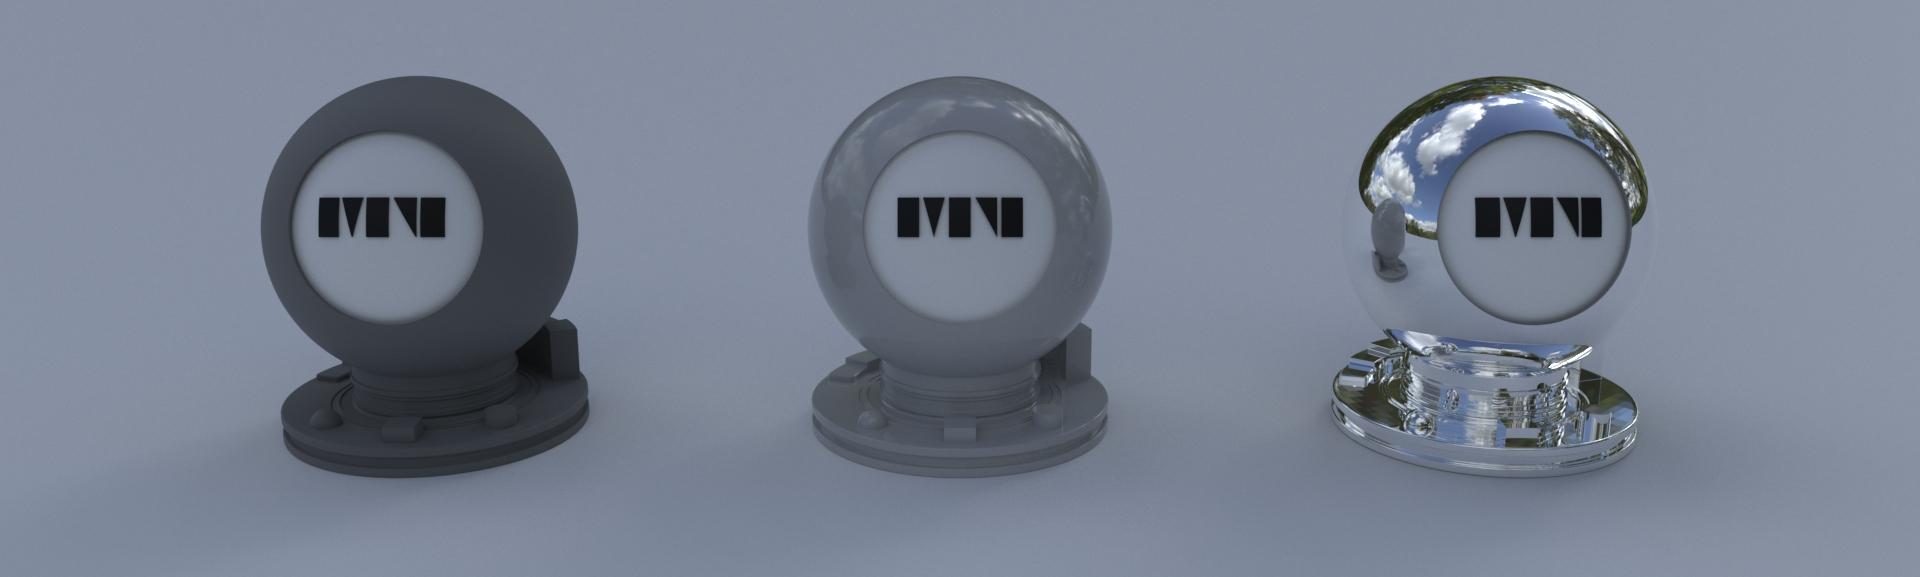 Pano 24 Shader Balls